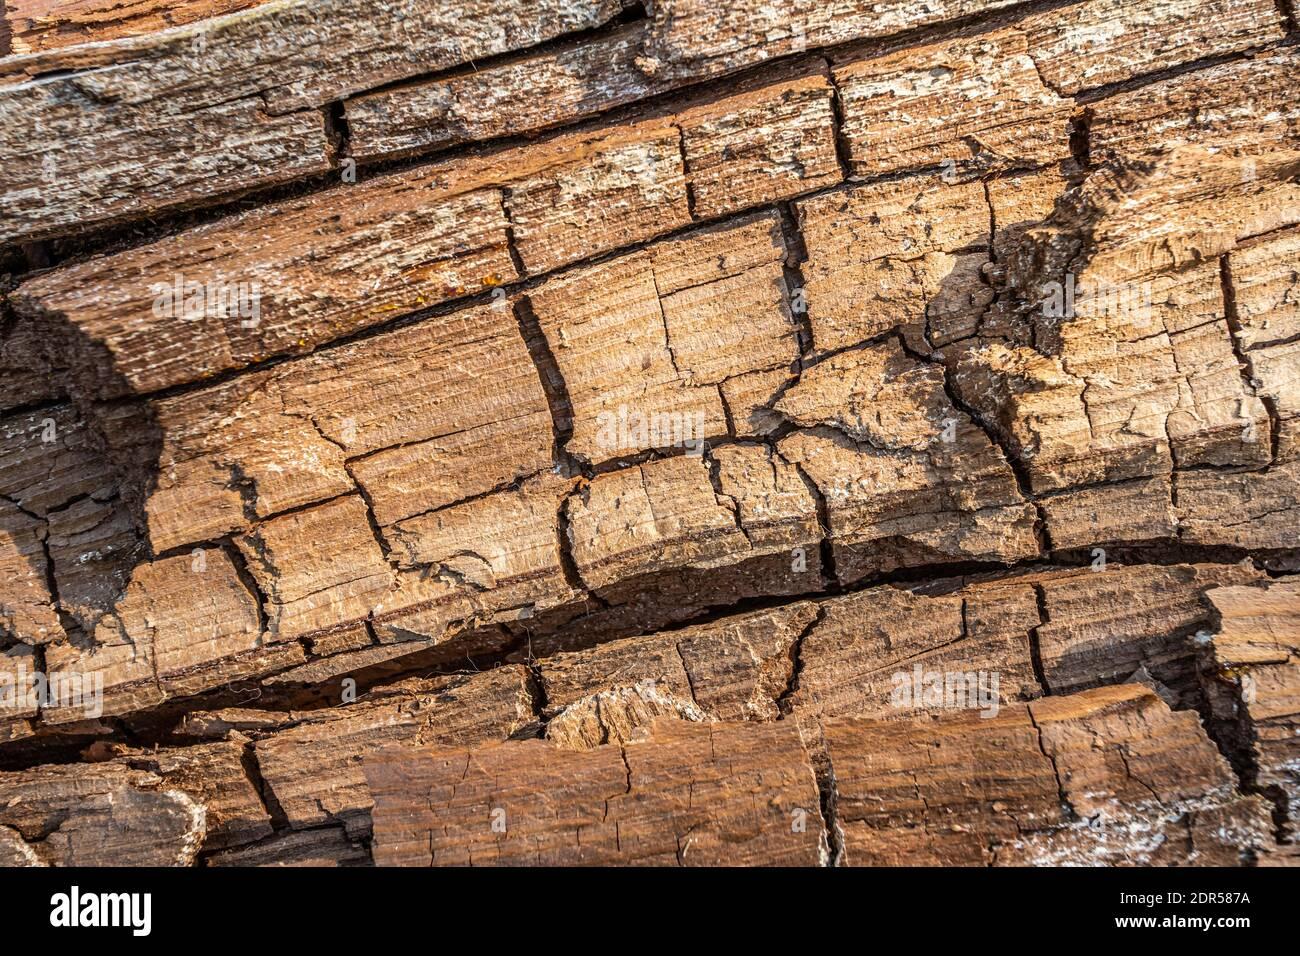 Vieux bois pourri avec fissures et champignon spore. Moule blanc sur une planche en bois. Motif de moisissure sur le bois, l'arrière-plan ou la texture. Banque D'Images